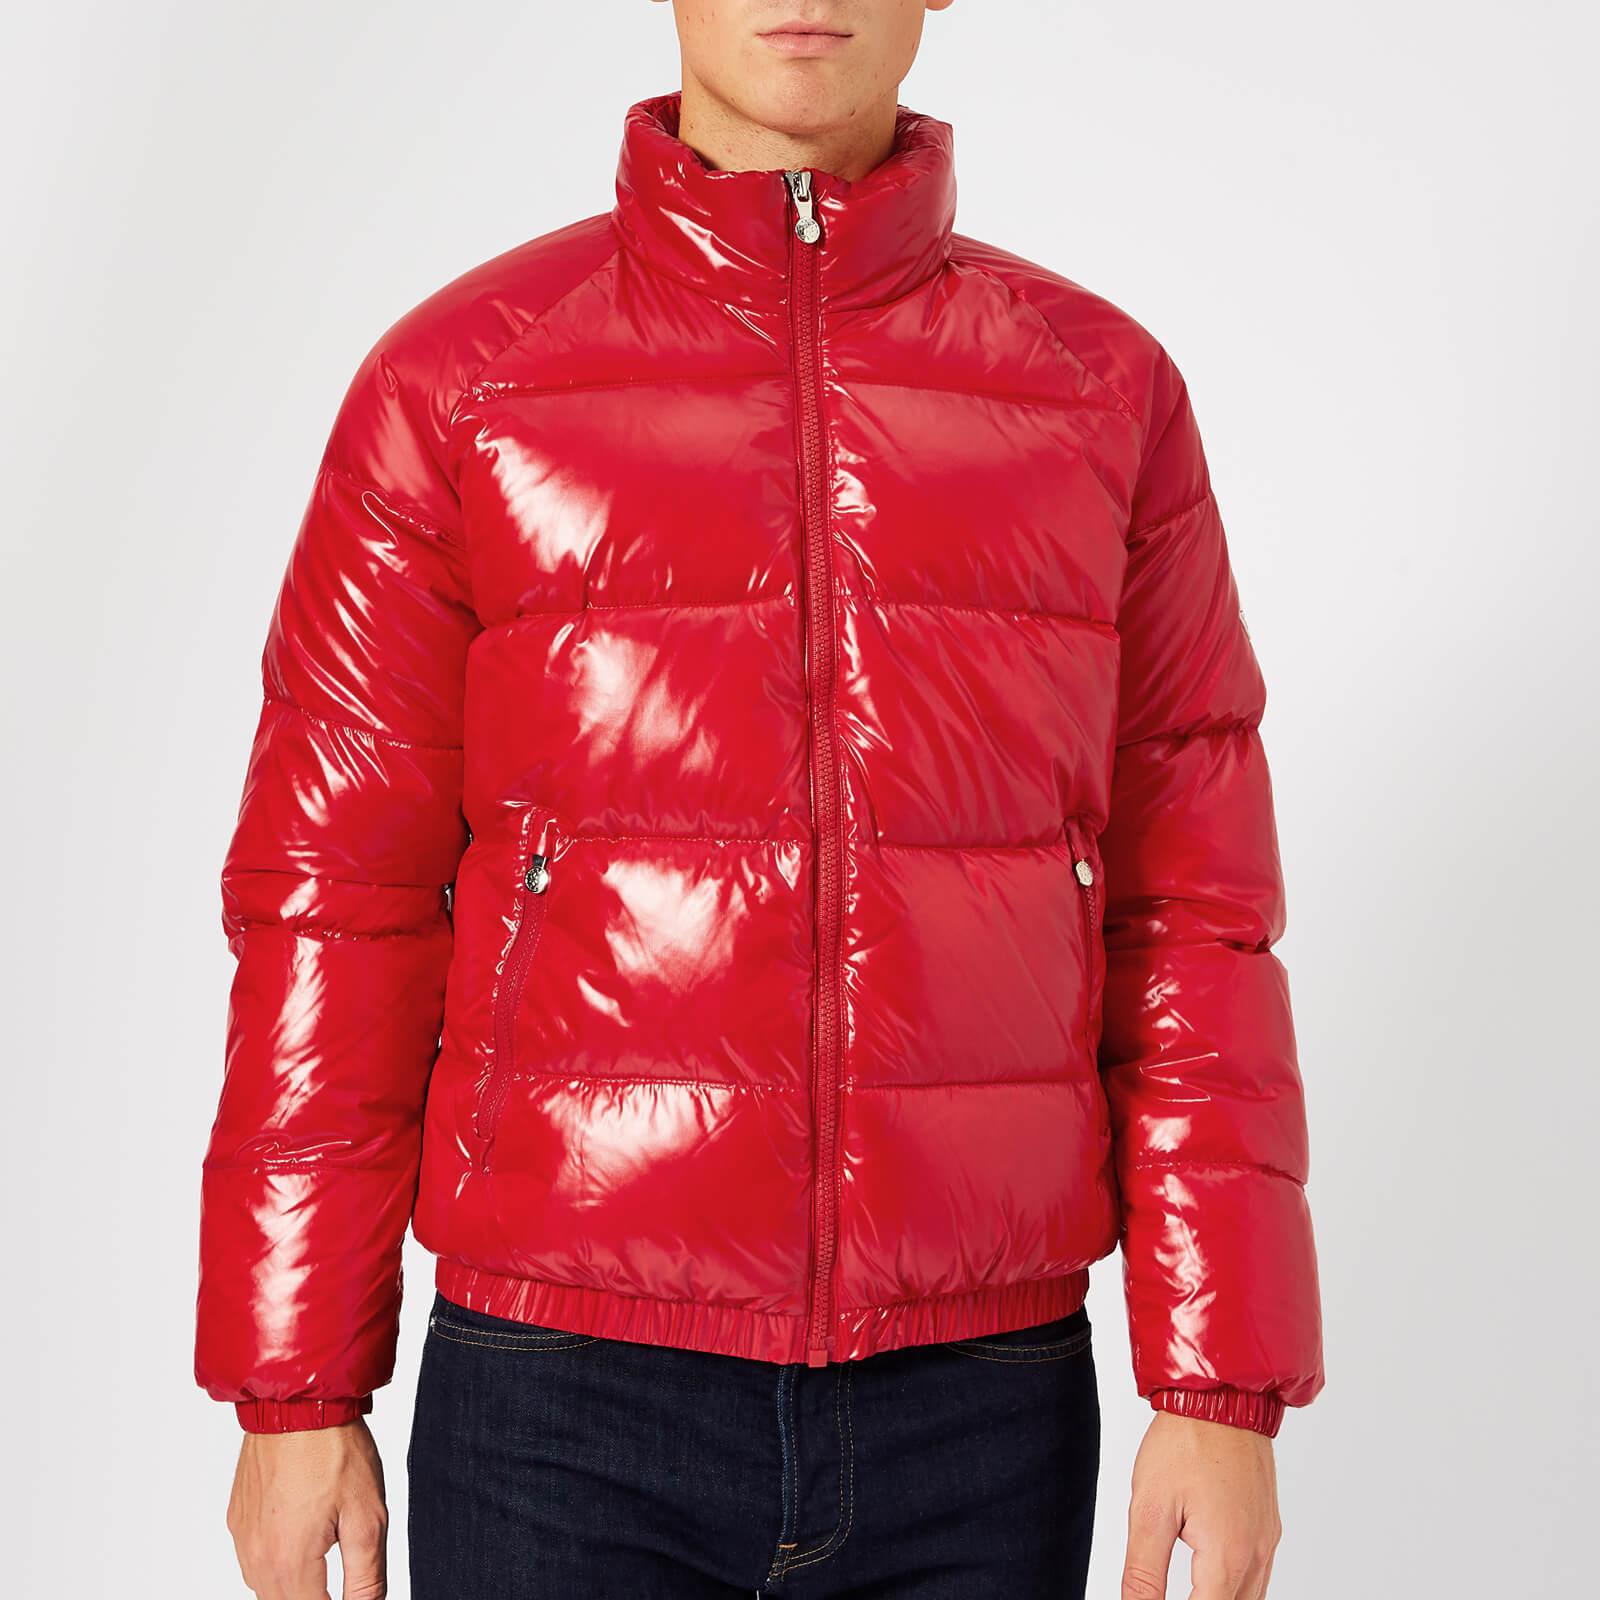 Pyrenex Men's Vintage Mythik Jacket Shiny - Rouge - XL - Red